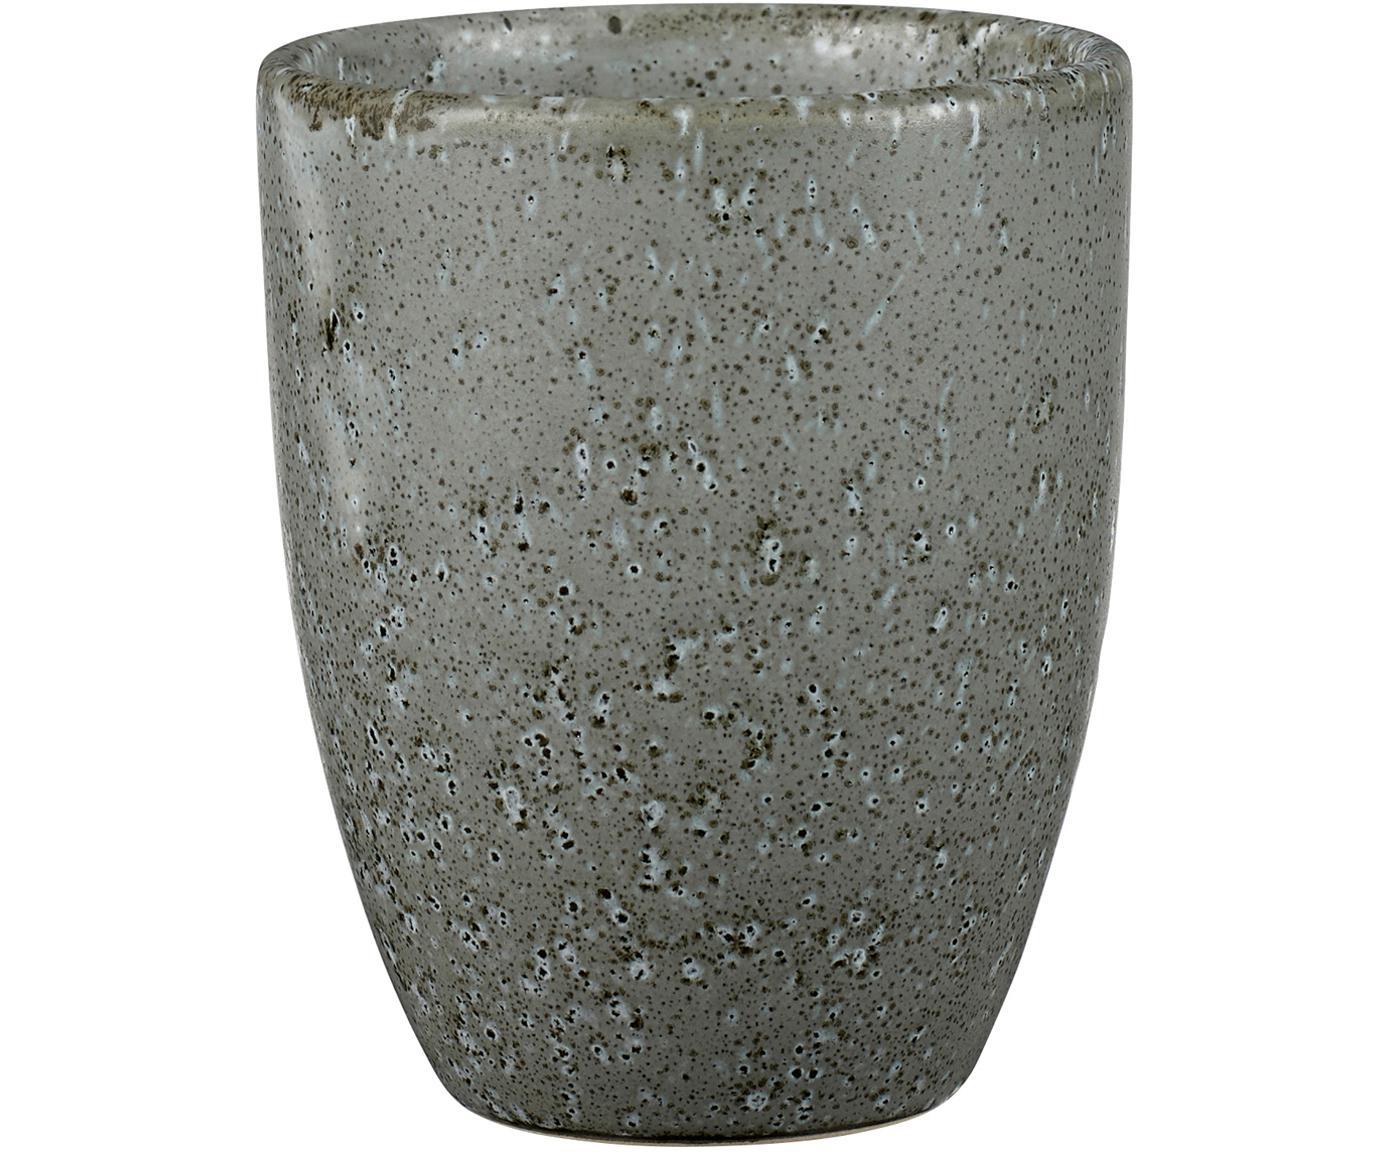 Bicchiere Stone, 2 pz., Terracotta smaltata, Grigio, Ø 8 x A 10 cm